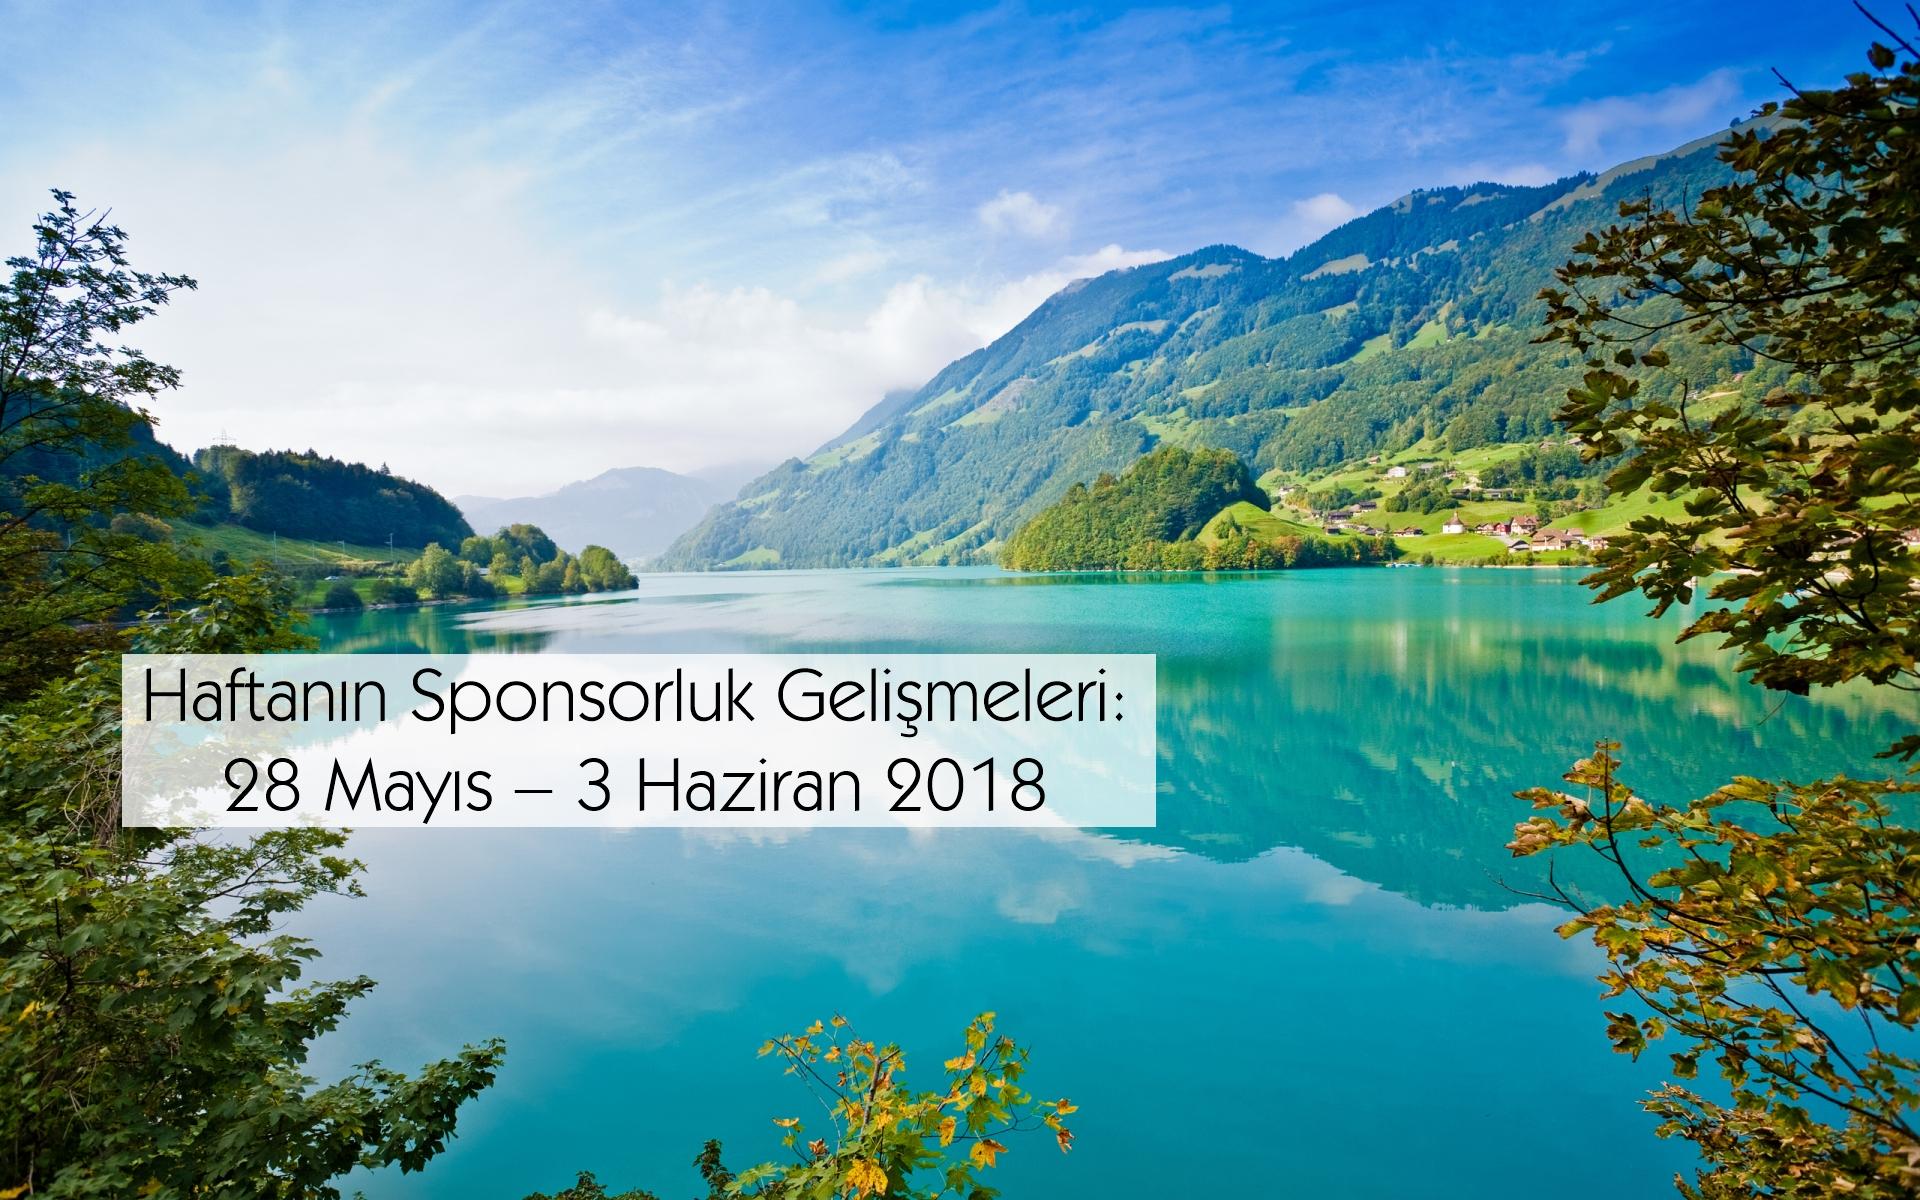 Haftanın Sponsorluk Gelişmeleri: 28 Mayıs – 3 Haziran 2018